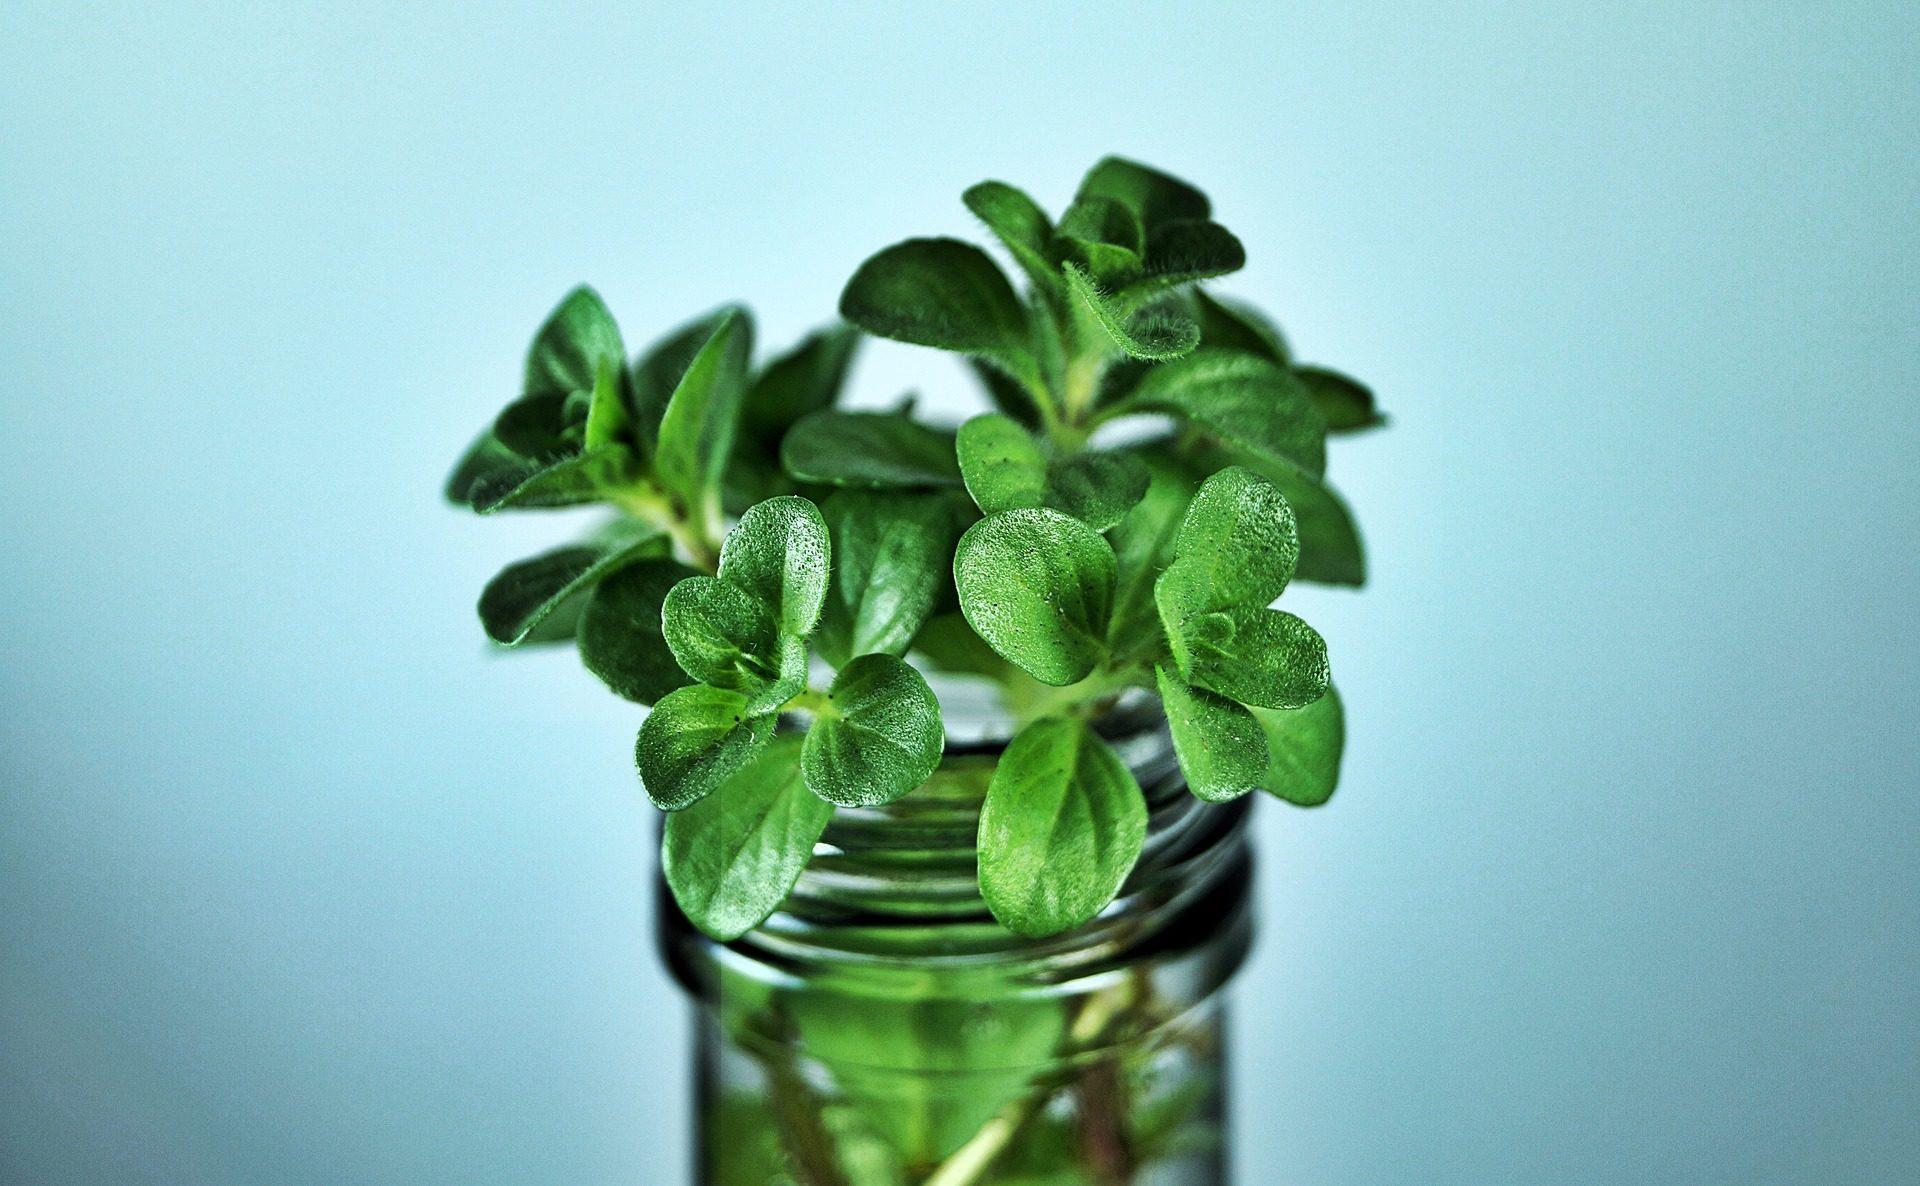 Menthe, rez de chaussée, aromatique, herbe, feuilles, Vert - Fonds d'écran HD - Professor-falken.com